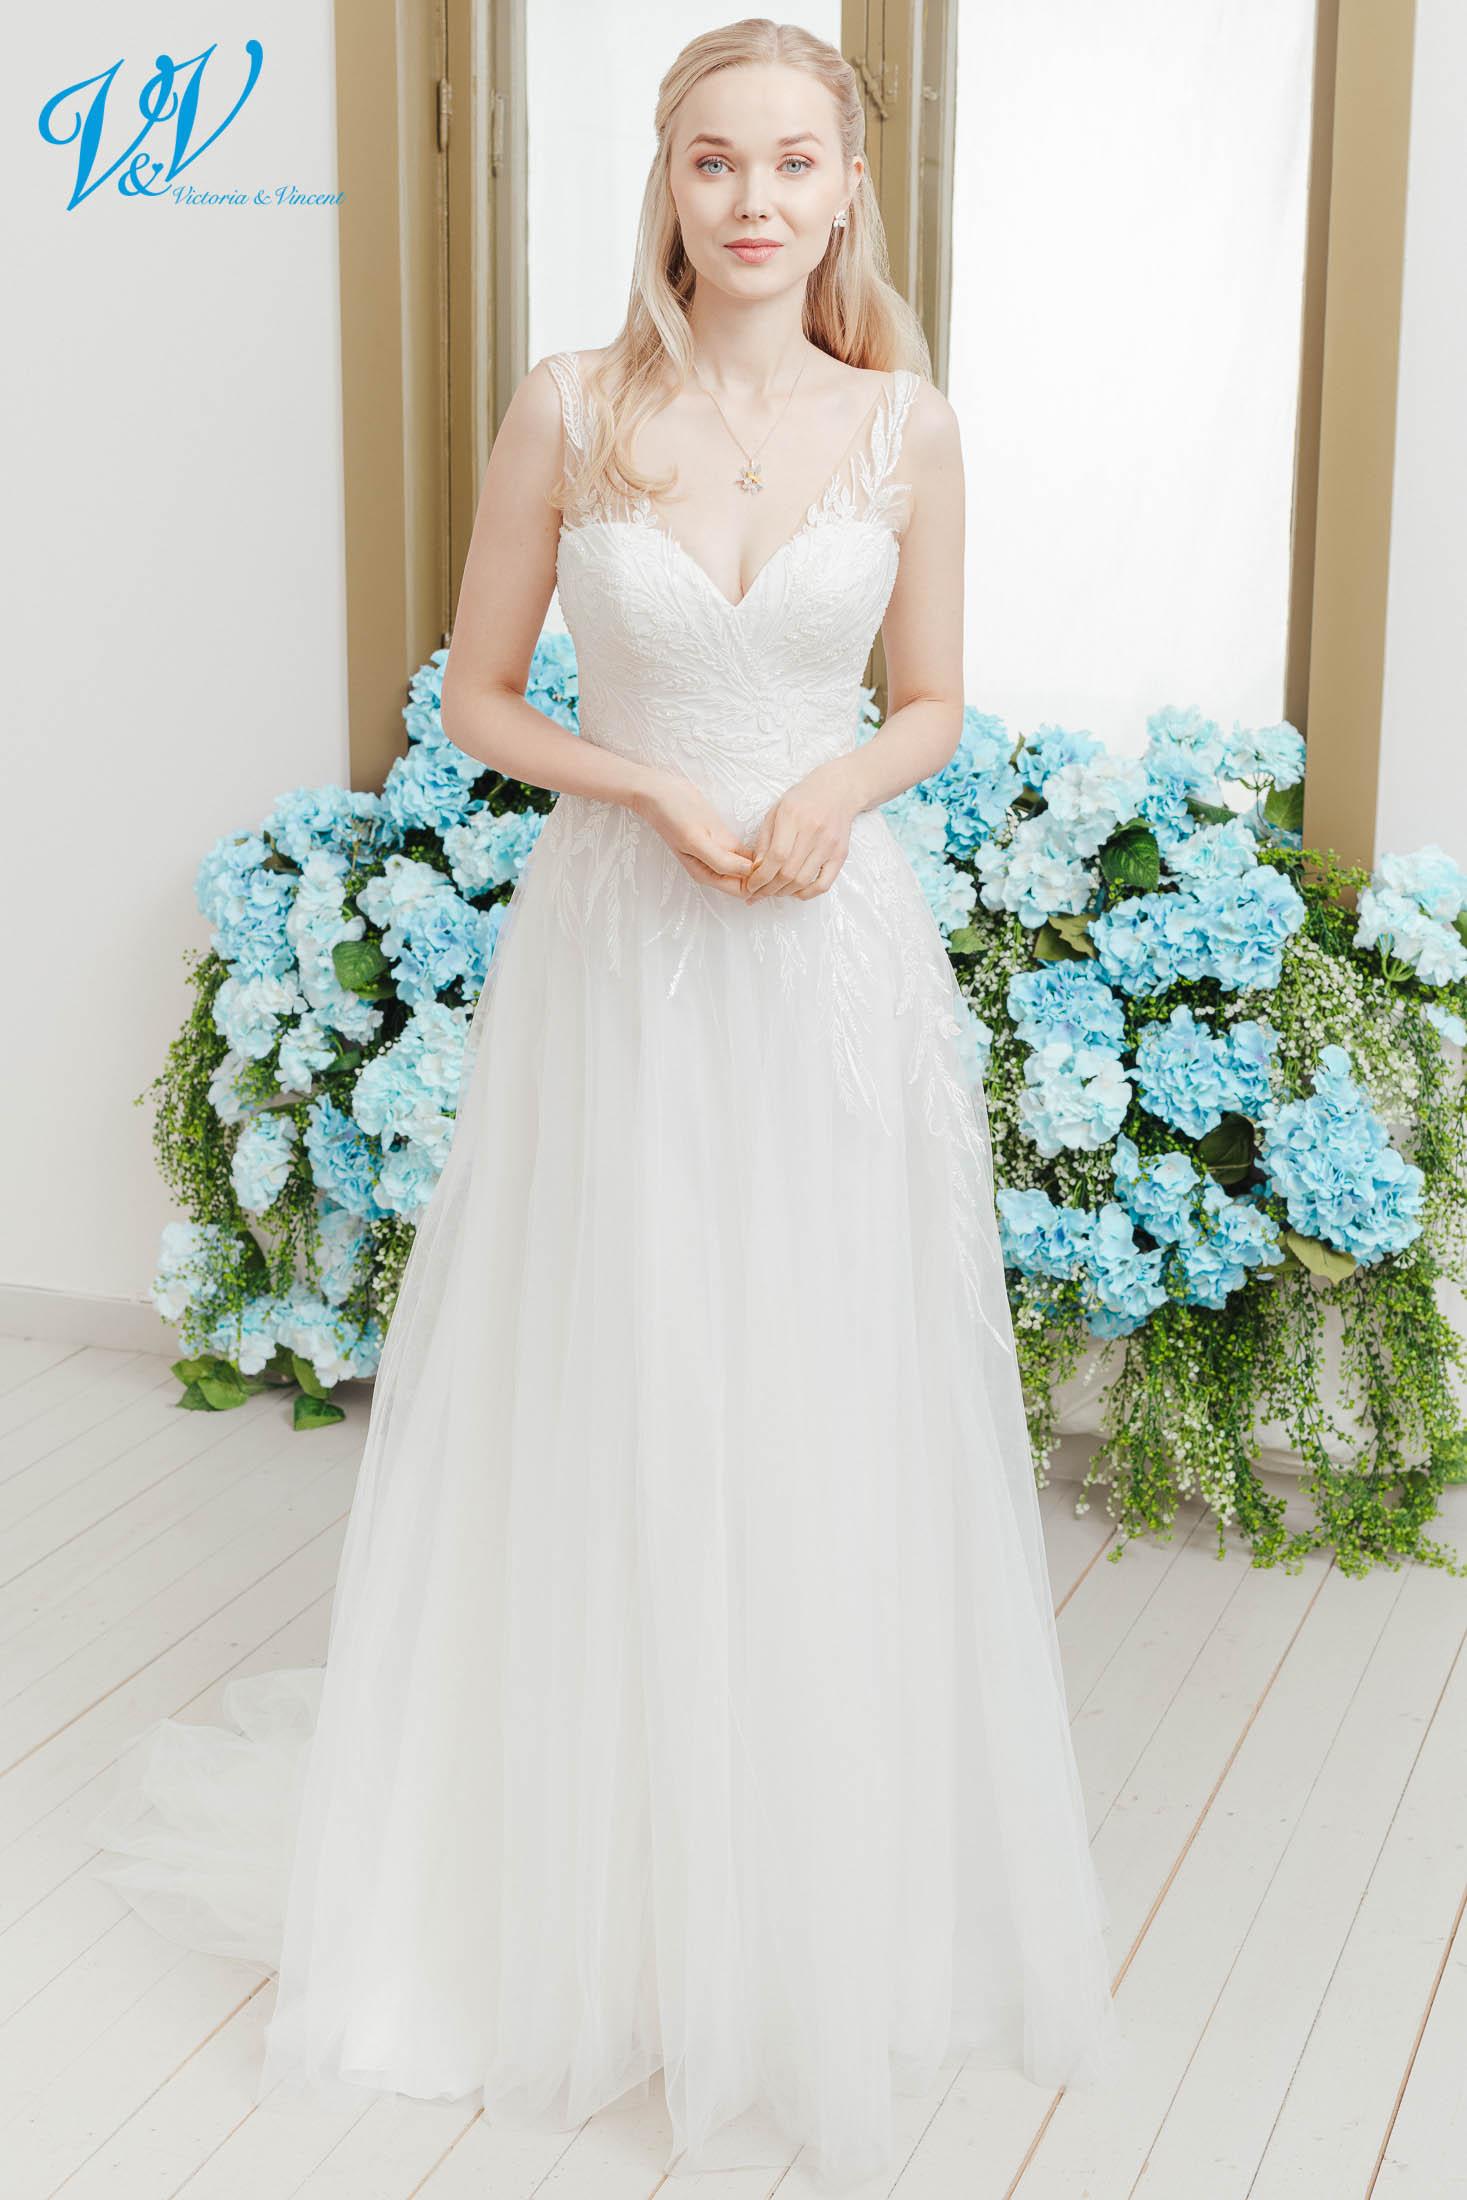 A-Linie Brautkleid. Schönes Prinzessin Brautkleid mit atemberaubenden Spitzenmustern. Hergestellt aus sehr hochwertigem Tüll. Das Hochzeitskleid im Bild hat Farbe ivory / nude / lt grey, dieses Kleid ist auch erhältlich in ganz ivory oder weiss.